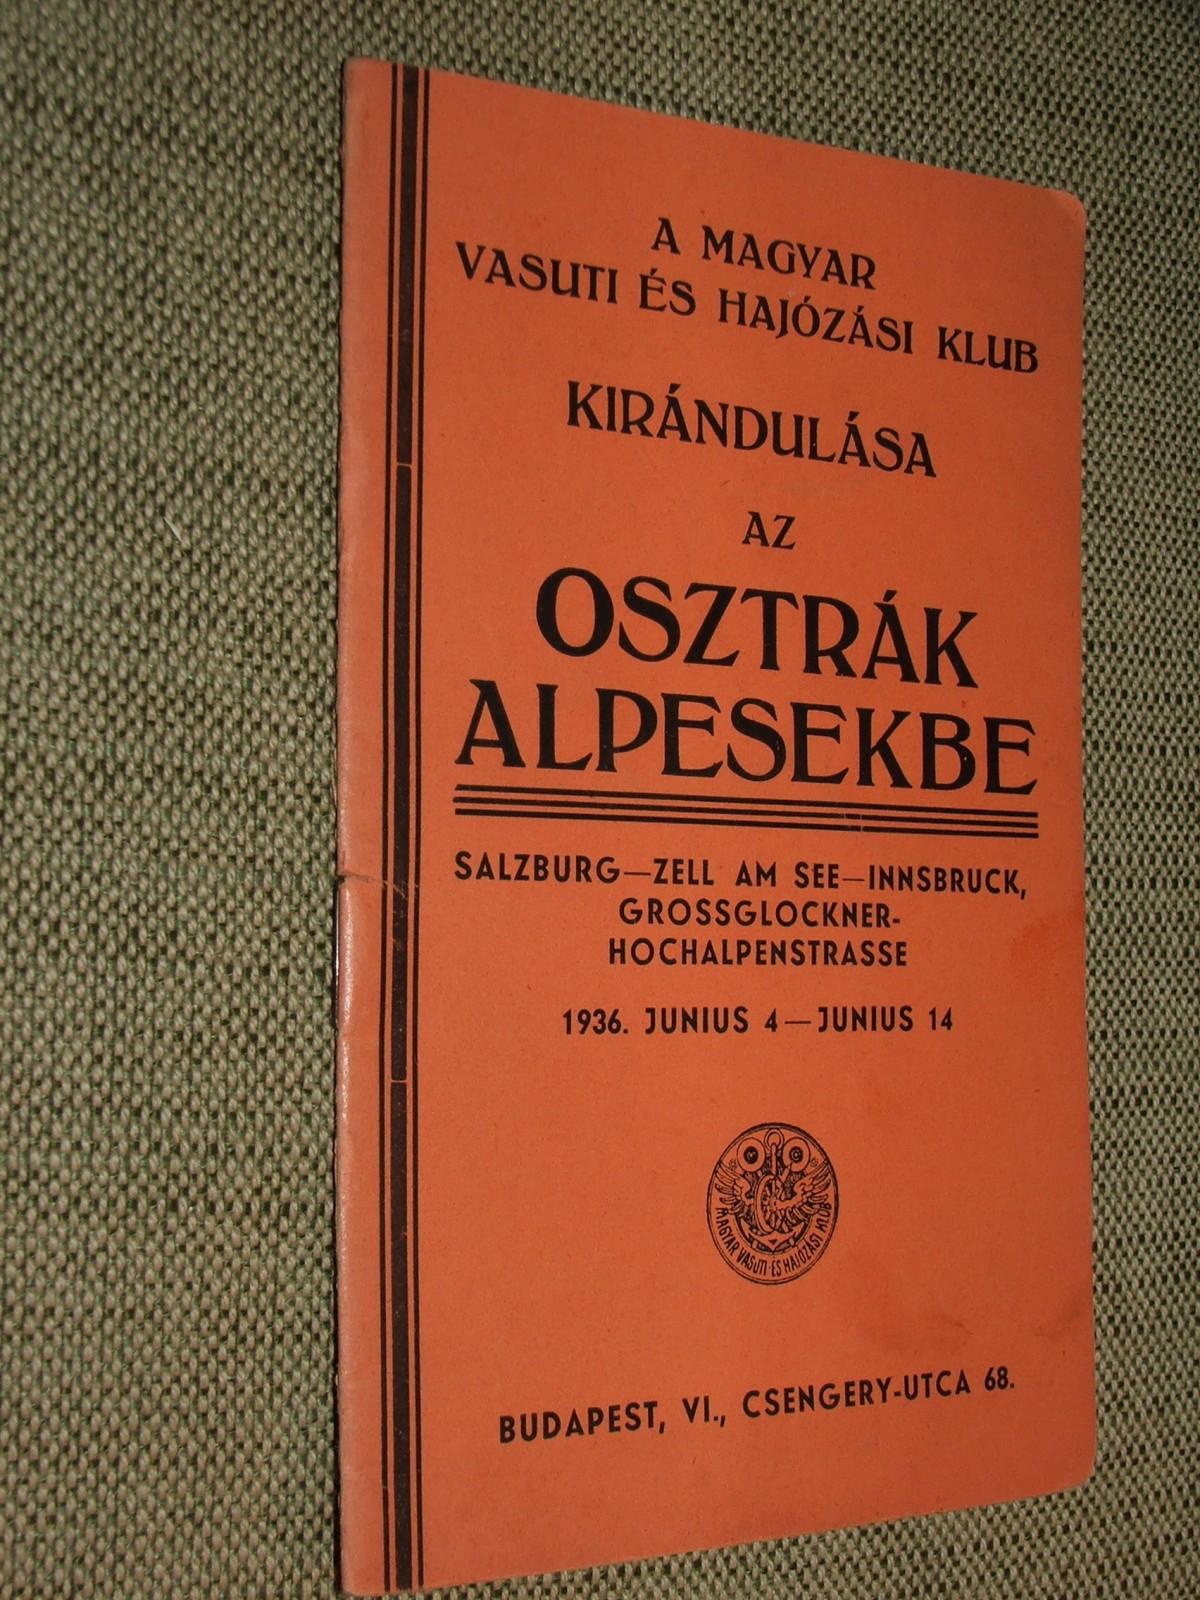 A Magyar Vasuti és Hajózási Klub kirándulása az osztrák Alpesekbe